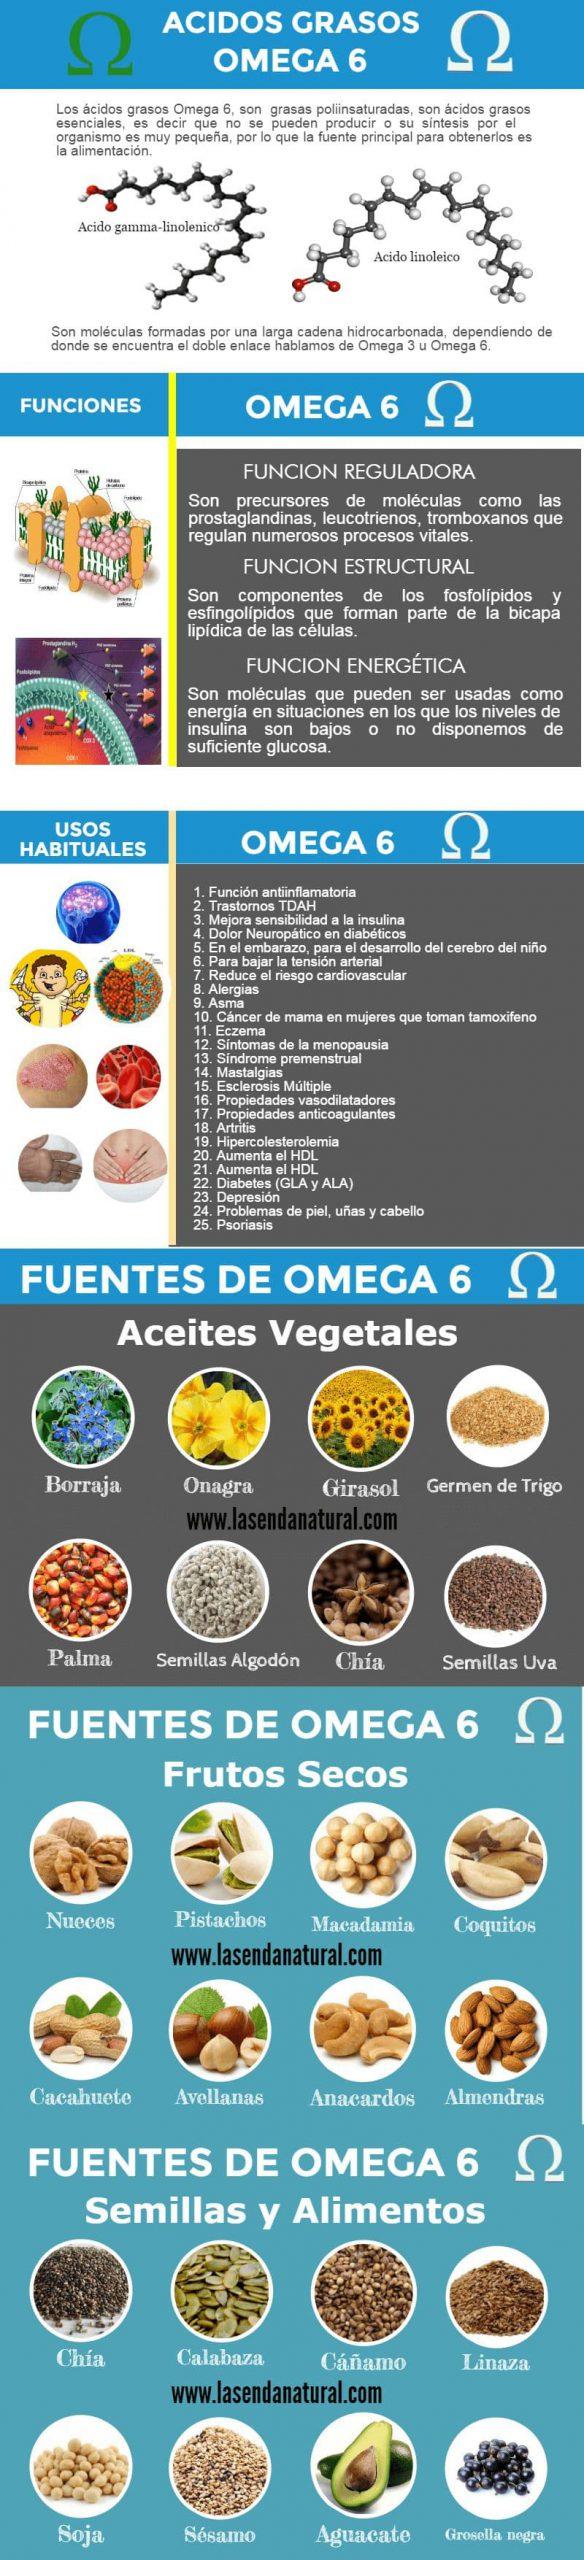 Fuentes de omega 6